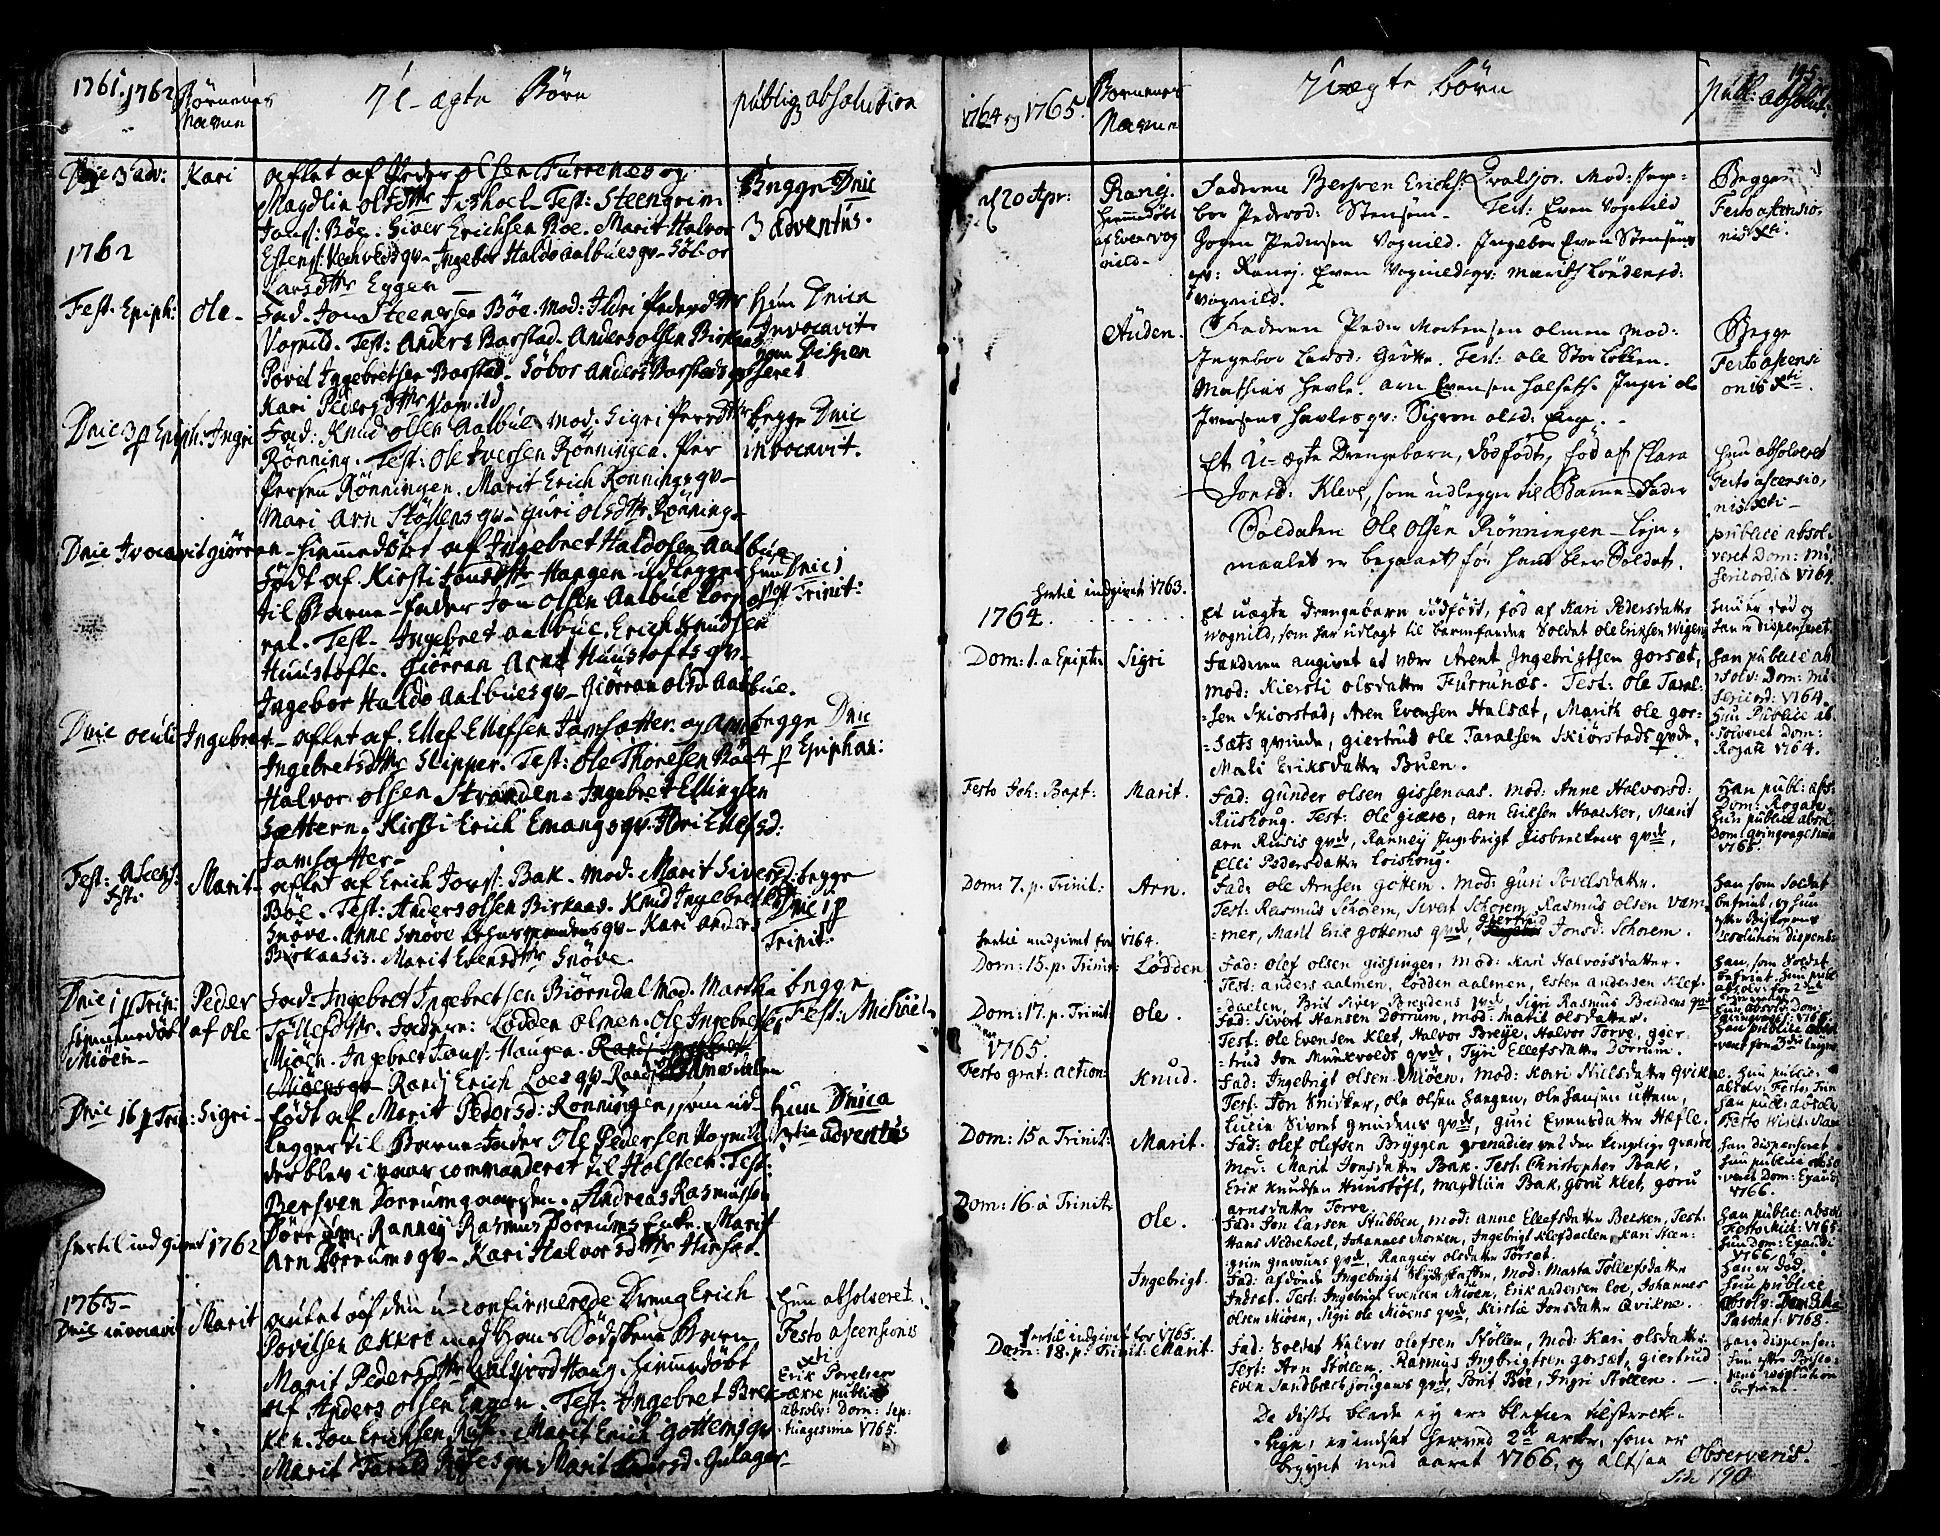 SAT, Ministerialprotokoller, klokkerbøker og fødselsregistre - Sør-Trøndelag, 678/L0891: Ministerialbok nr. 678A01, 1739-1780, s. 145